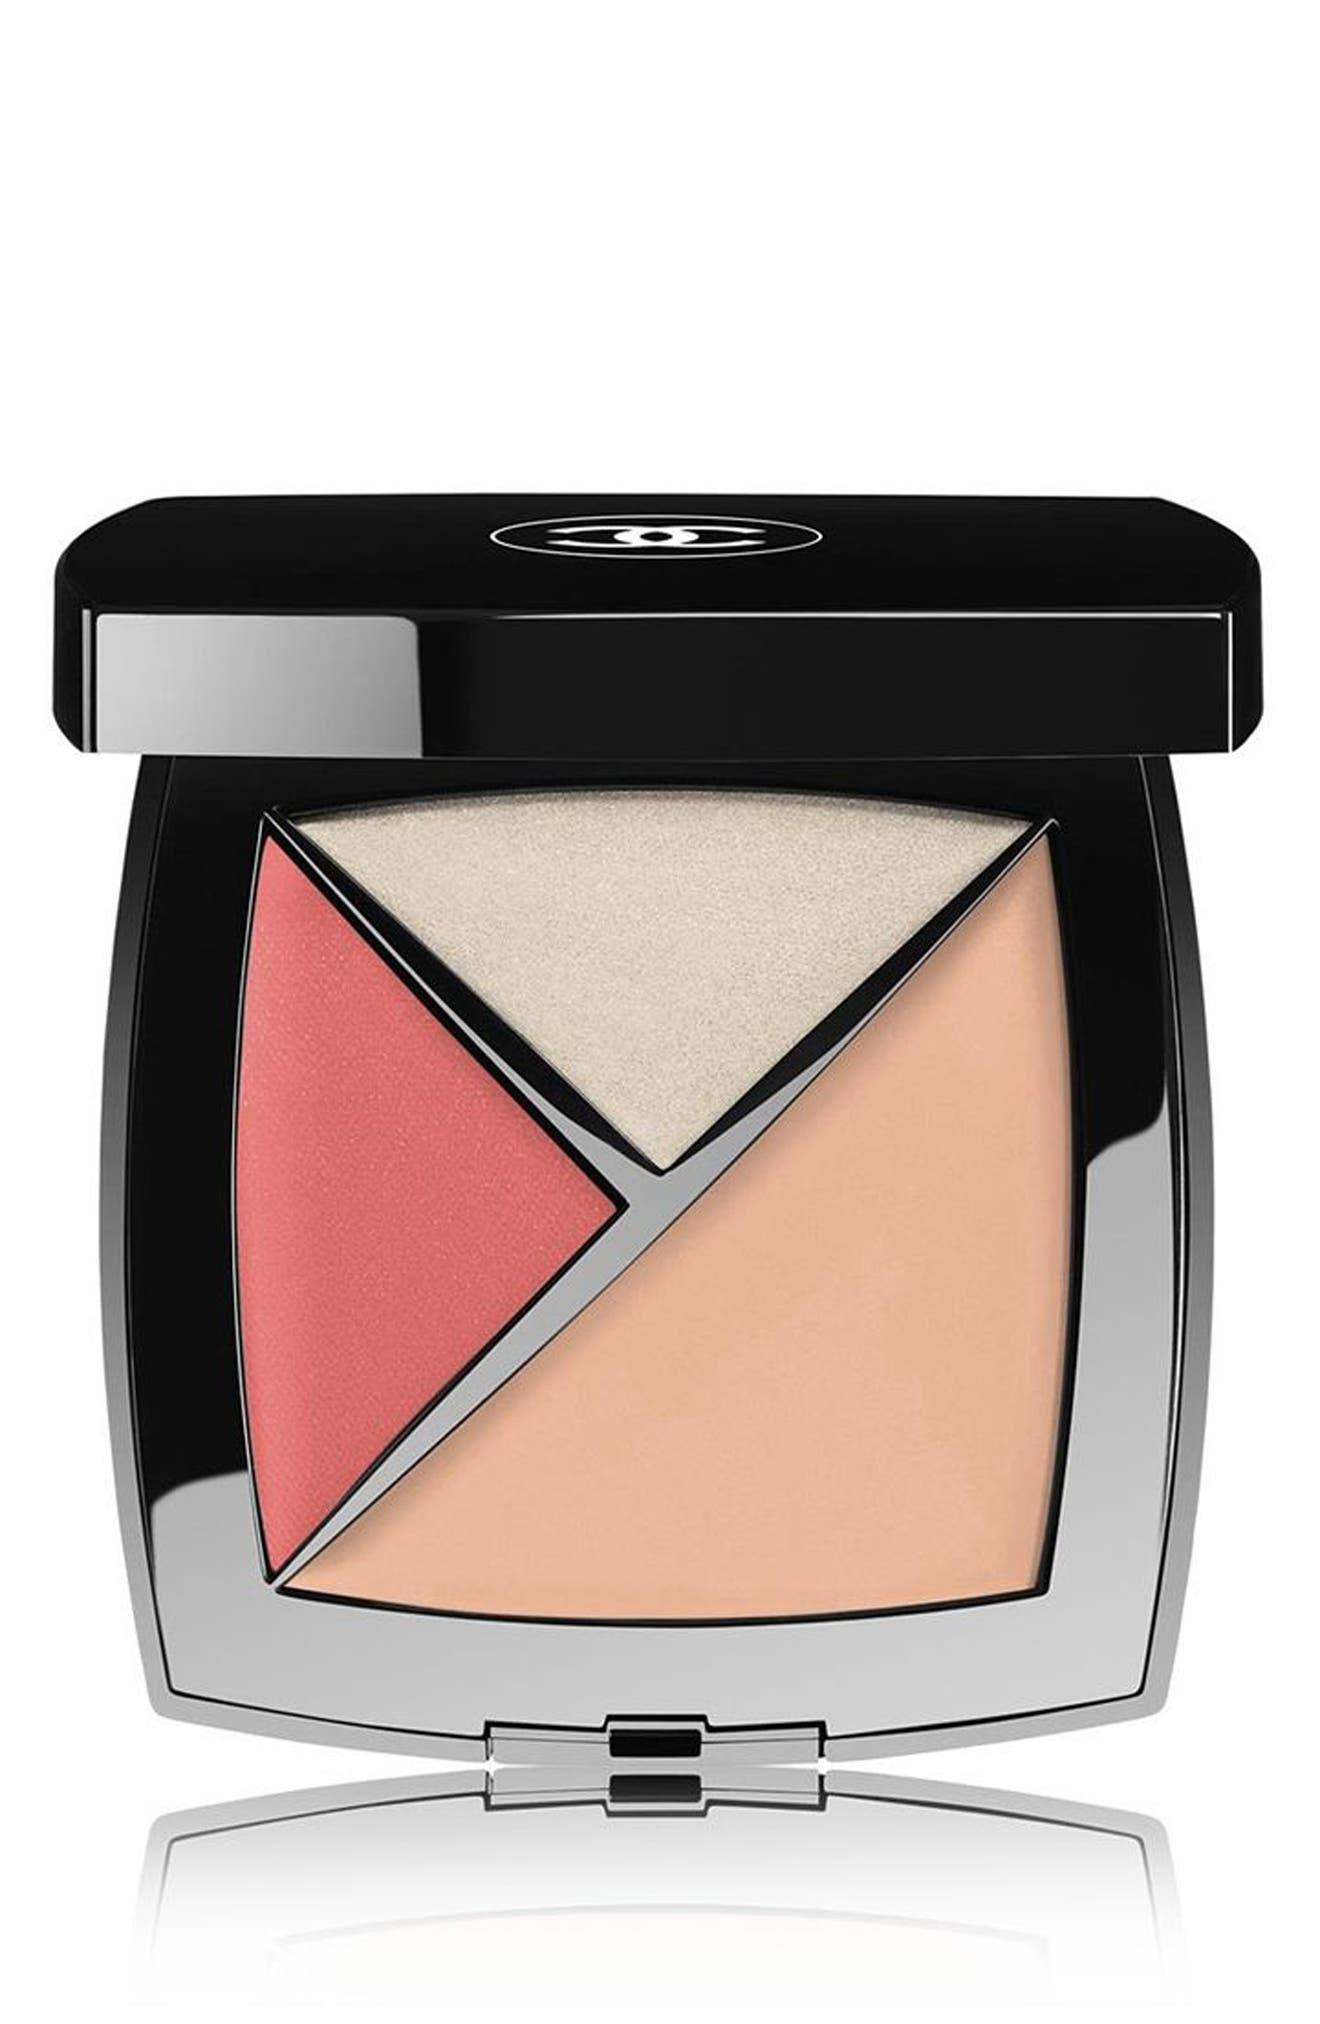 PALETTE ESSENTIELLE Conceal & Highlight Palette,                         Main,                         color, 180 Rose Petale